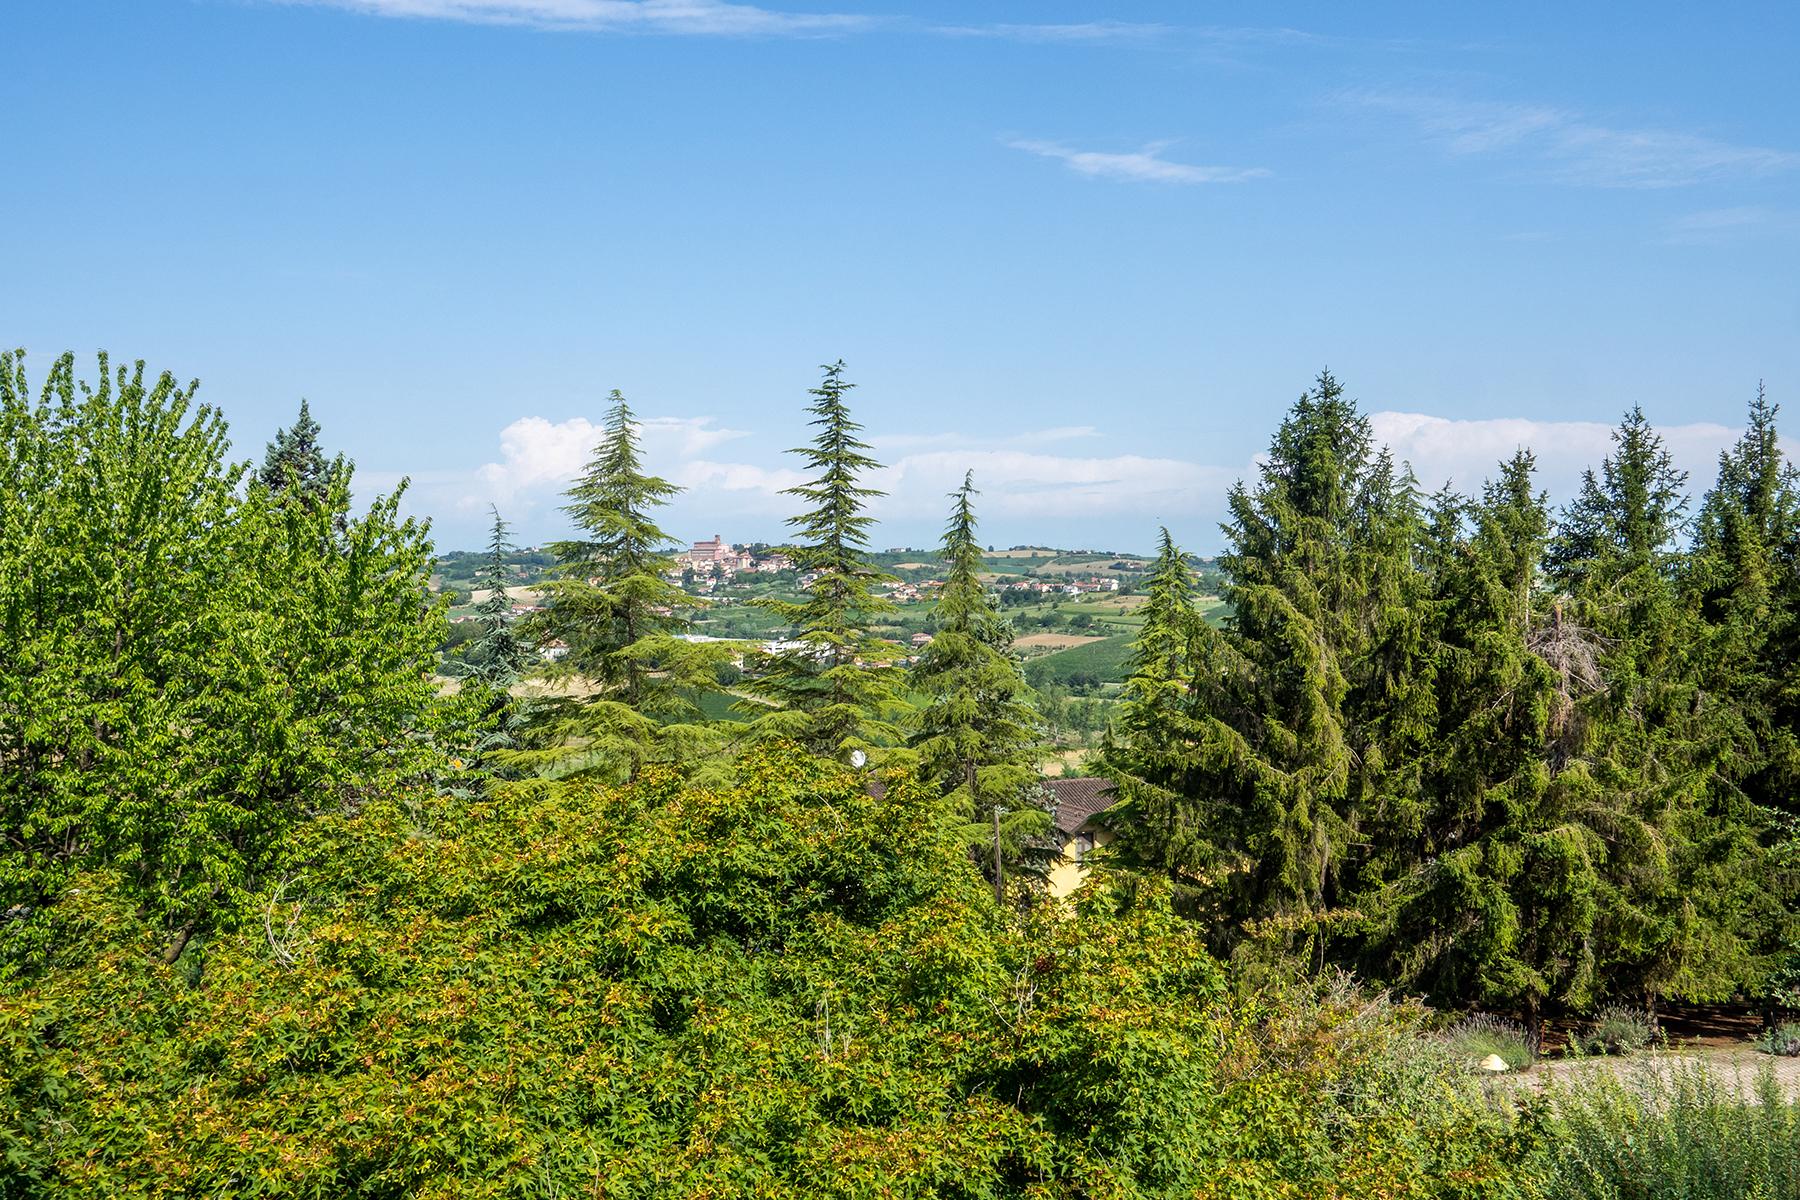 Casa indipendente in Vendita a Rosignano Monferrato: 5 locali, 290 mq - Foto 12